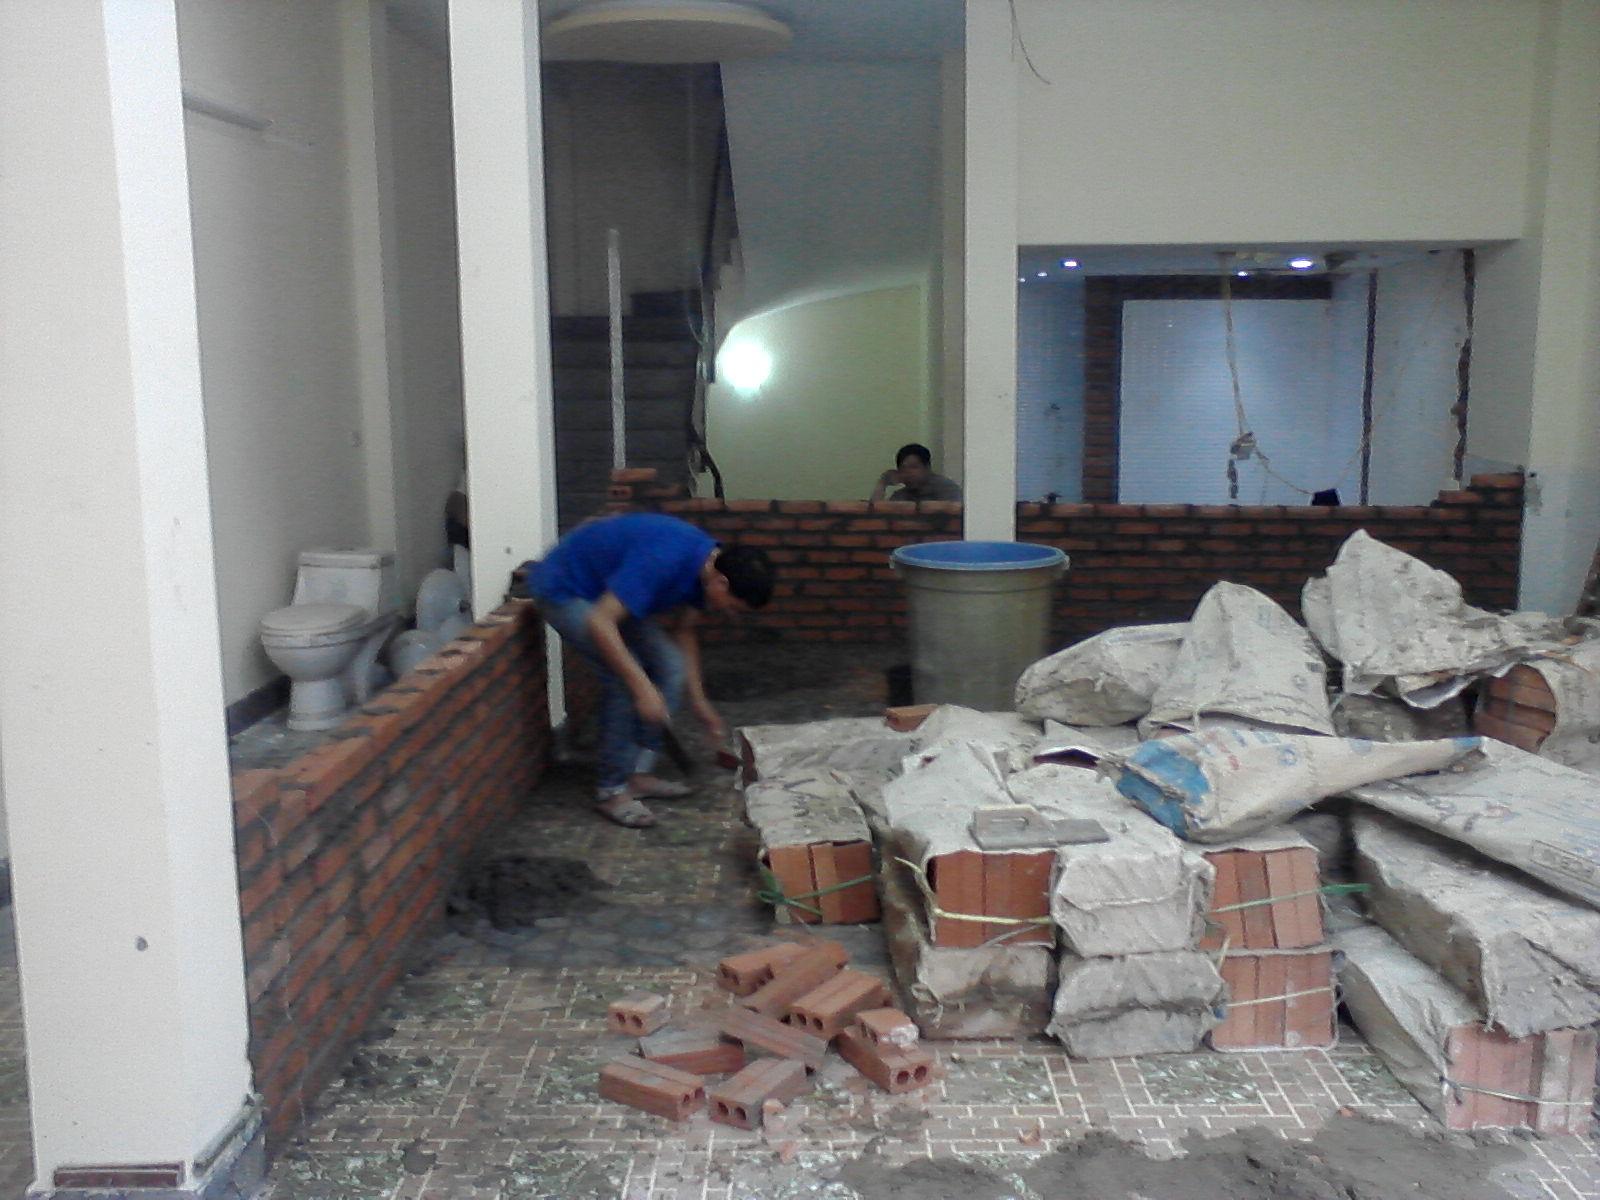 Dịch vụ sửa chữa nhà Chung cư tại Hà Nội